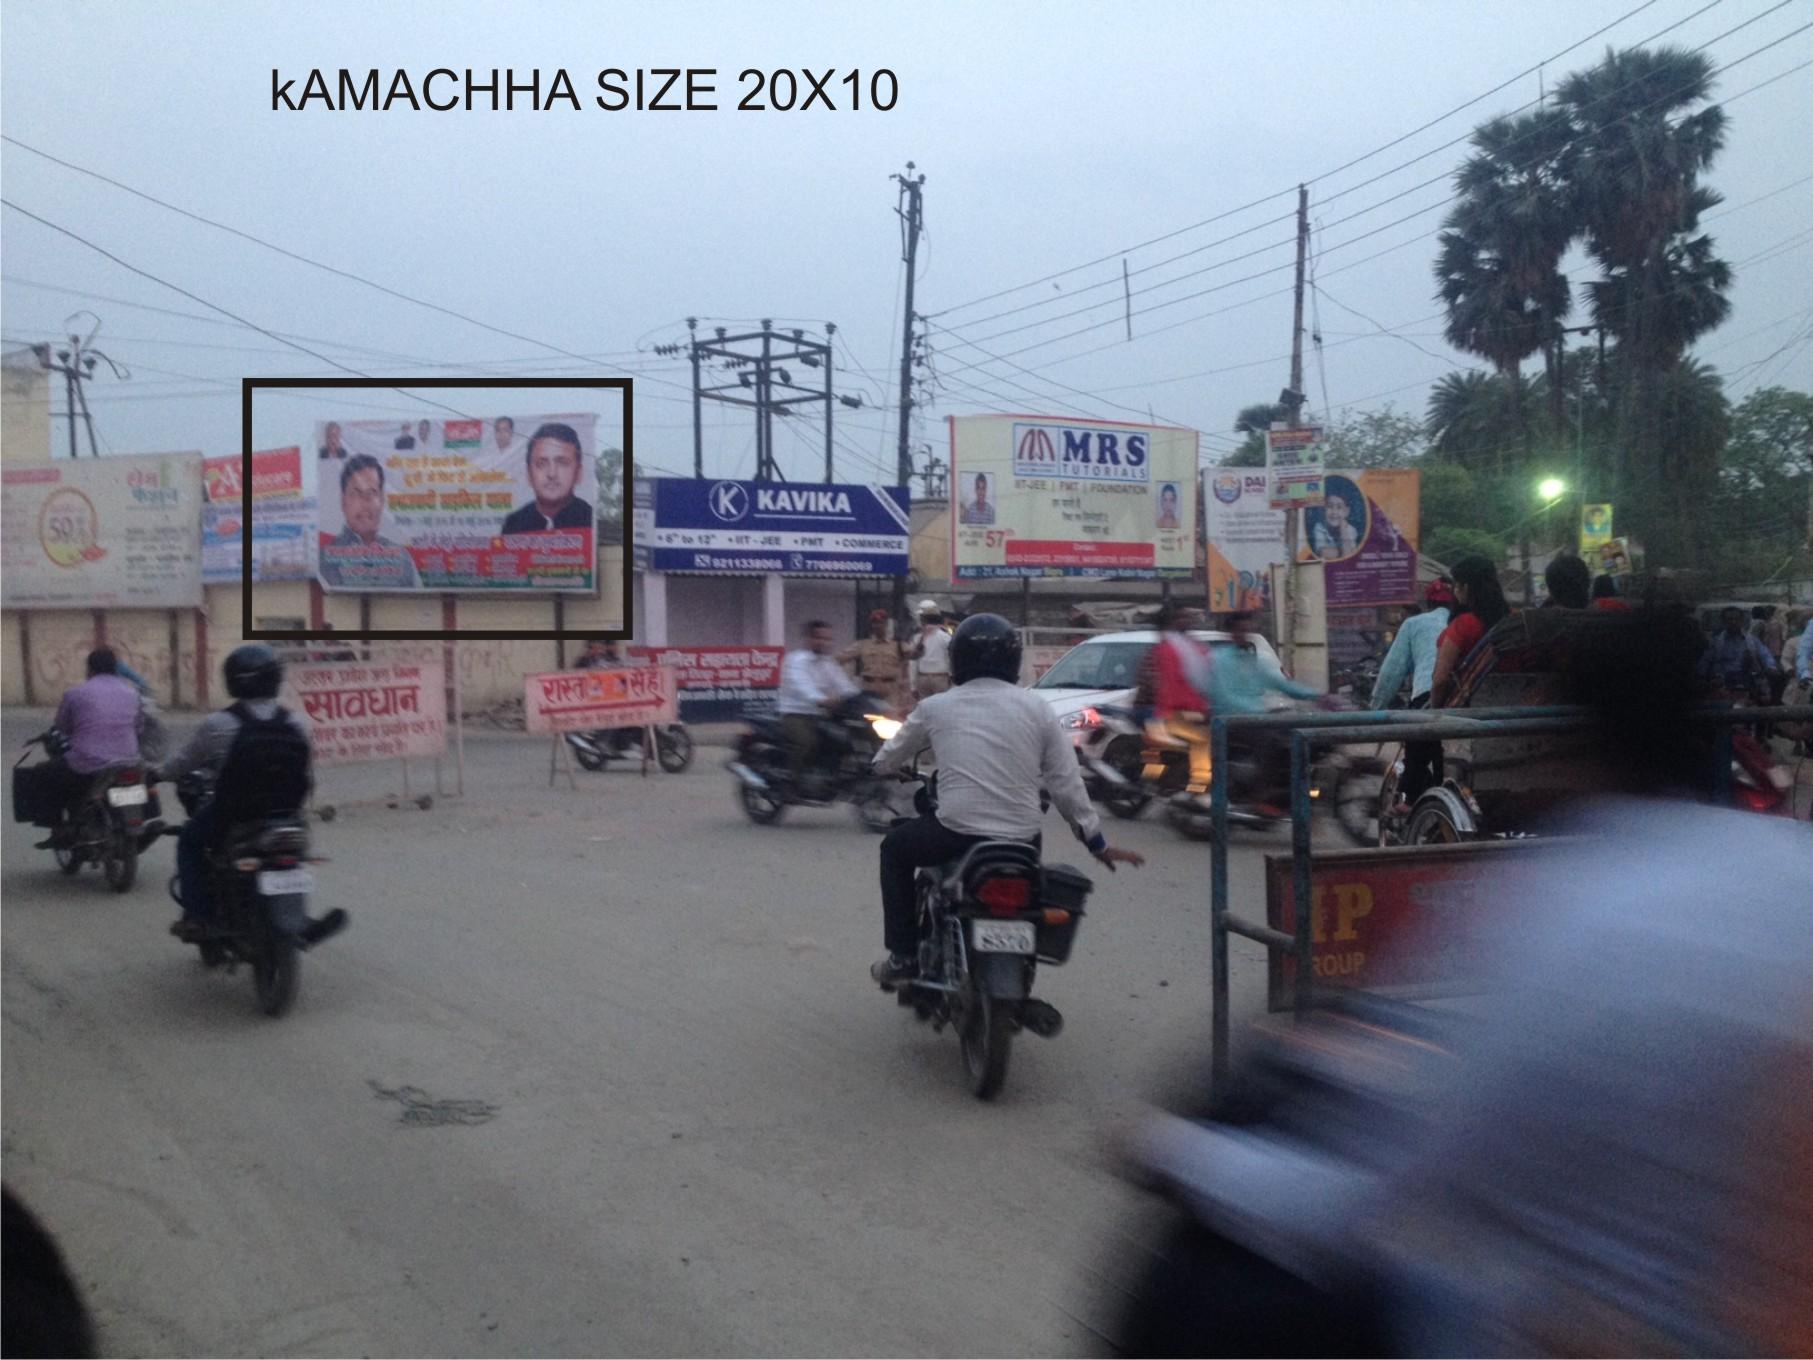 KAMACHHA, Varanasi